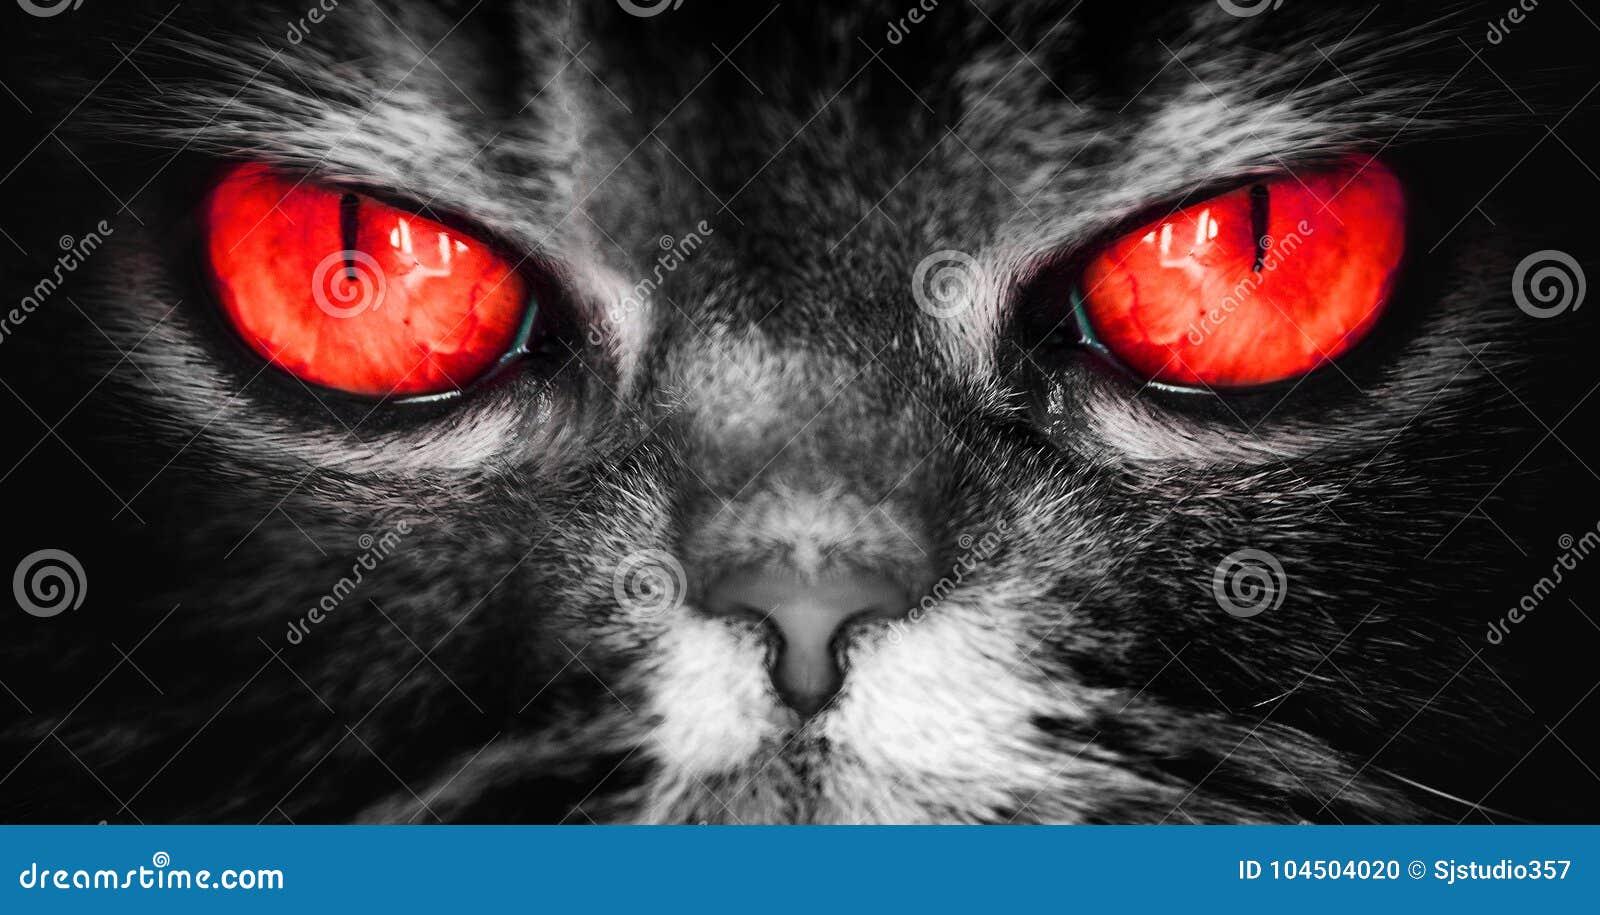 Un gatto con il diavolo rosso osserva, un fronte terribile diabolico da un incubo, sguardi direttamente nell anima, macchina foto